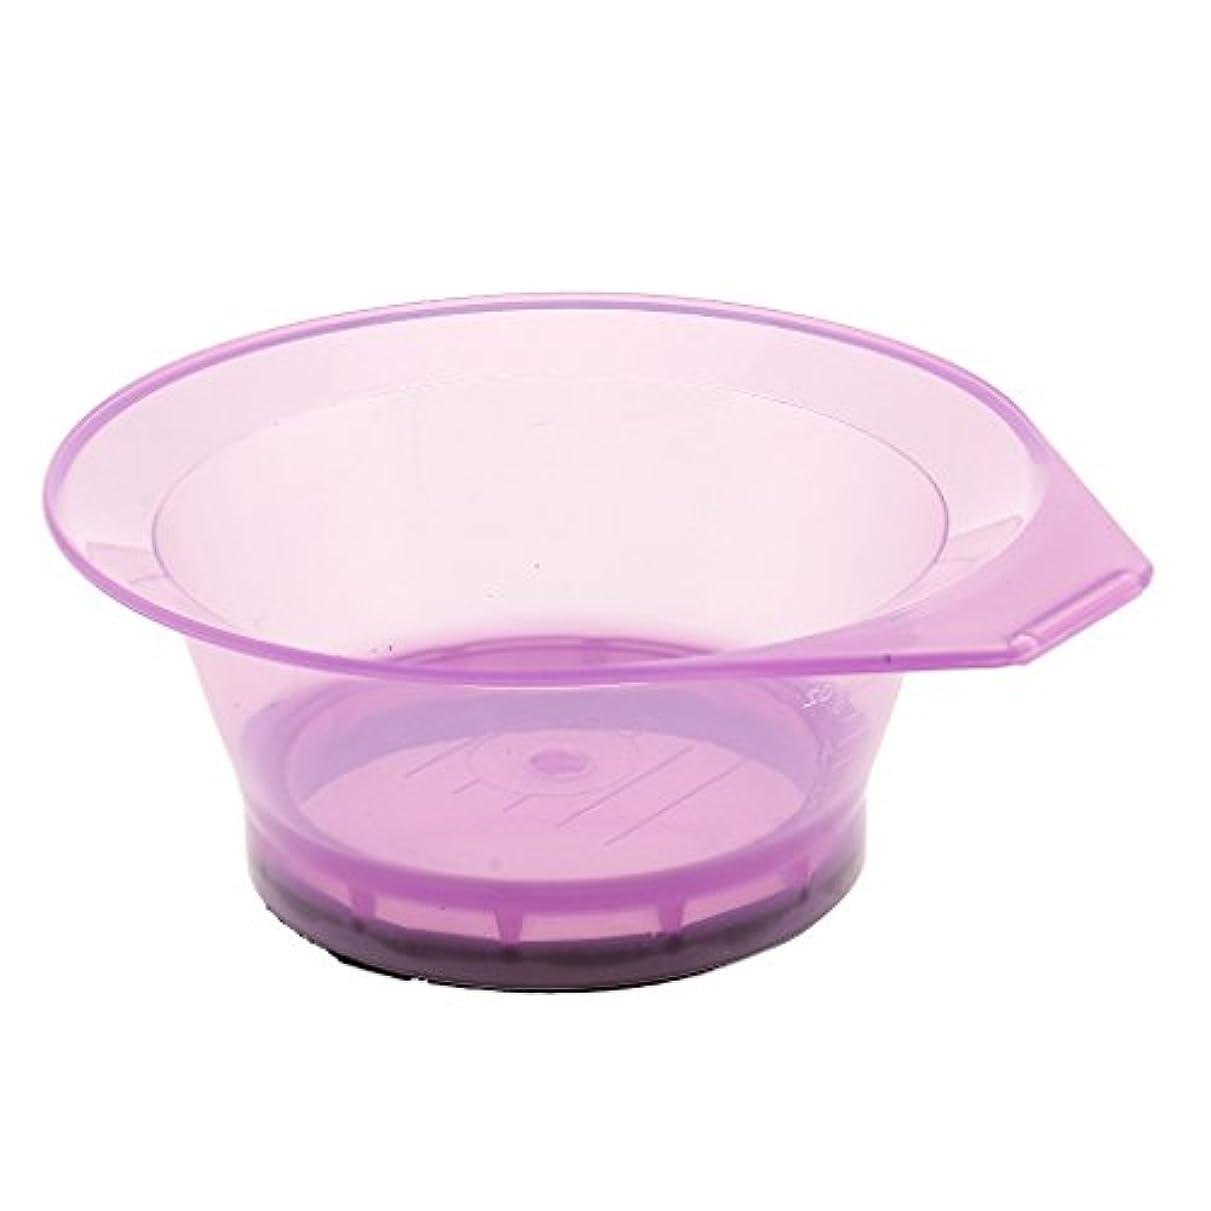 余韻生活自分のためにプラスチックサロン美容ヘアカラーリング色素ティントブリーチミキシングボウル - 紫